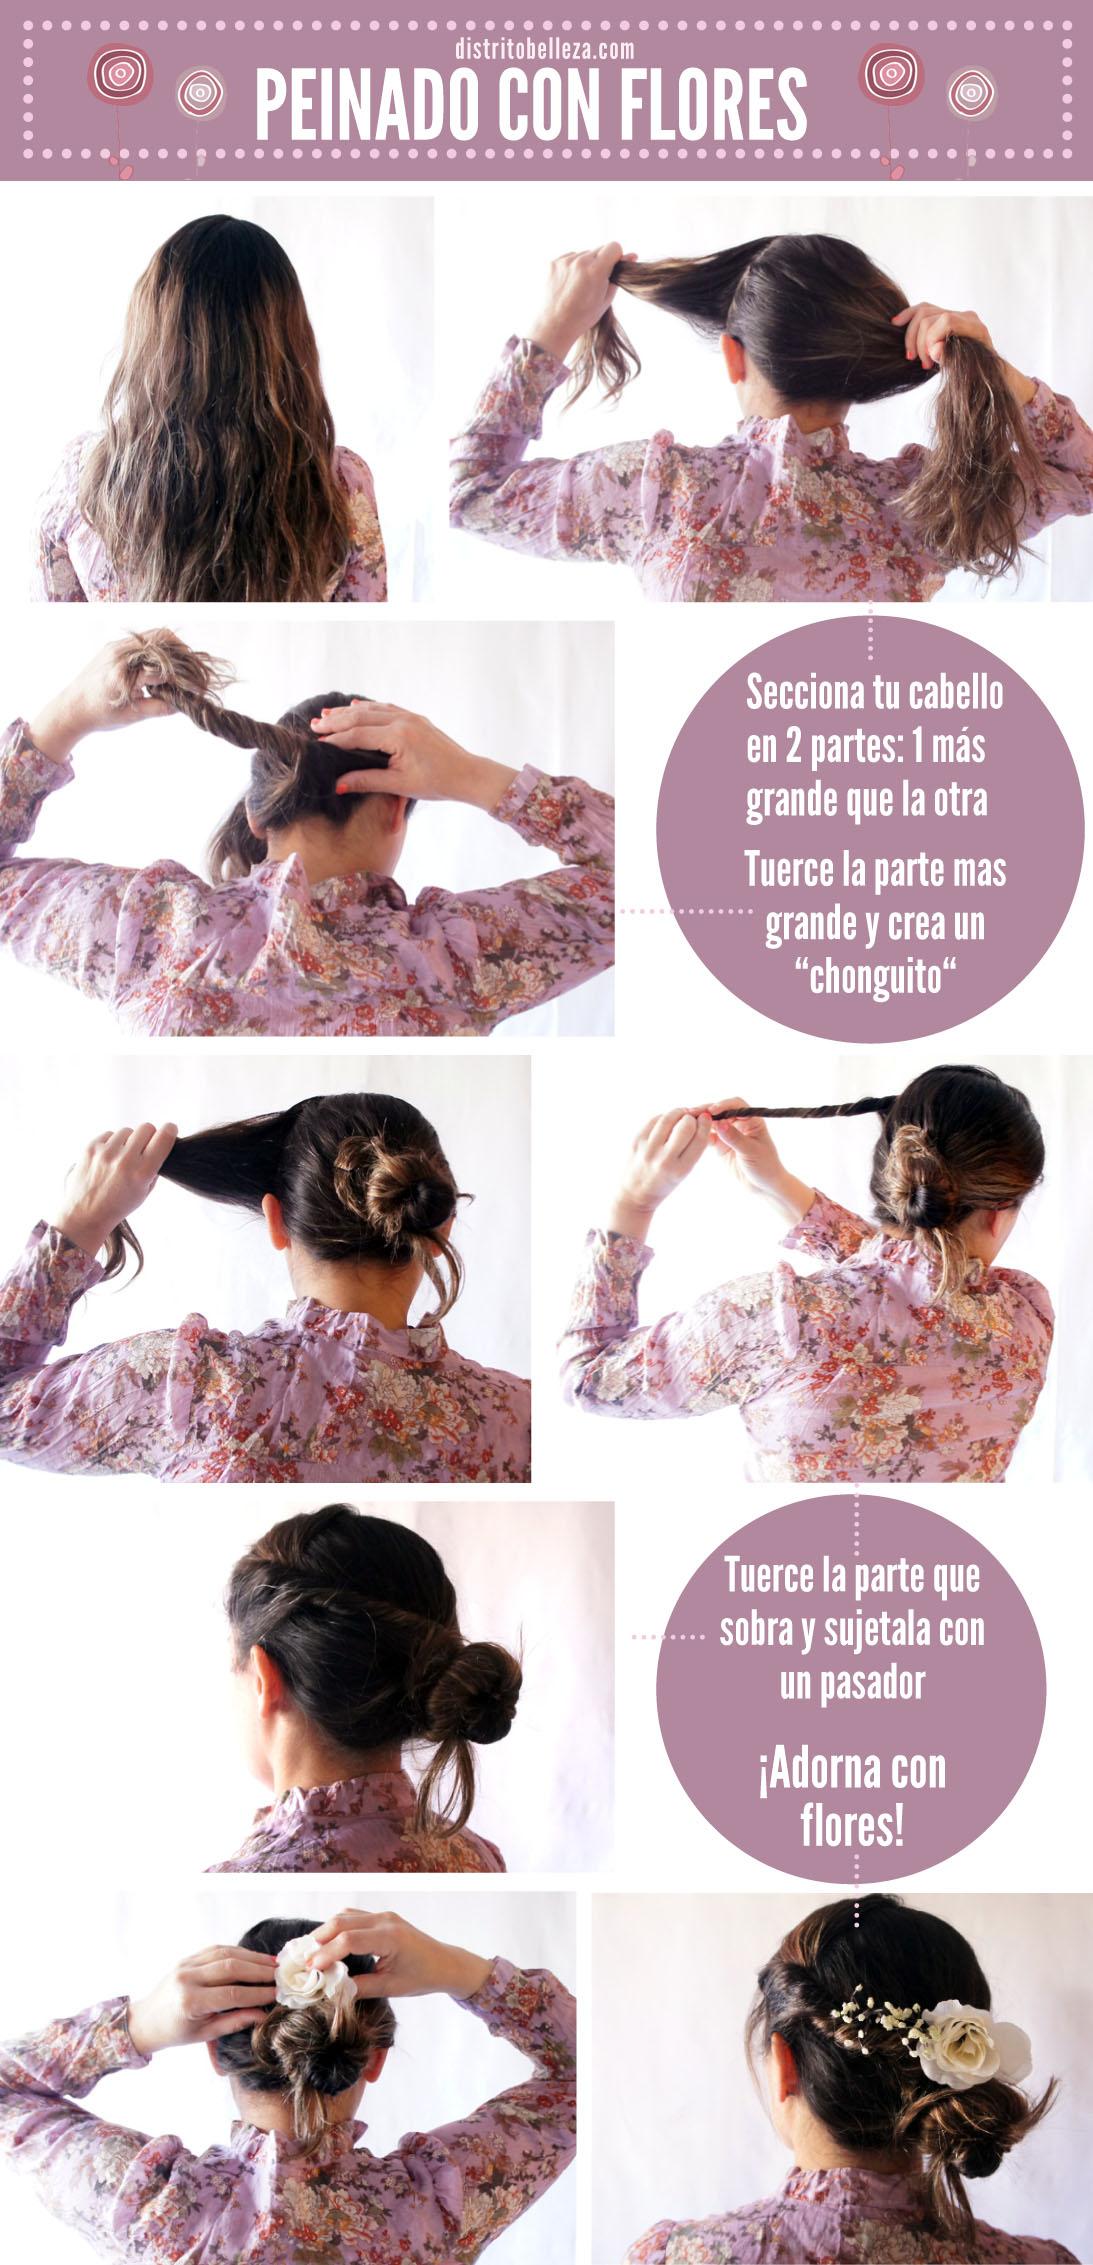 peinado con flores _tutorial